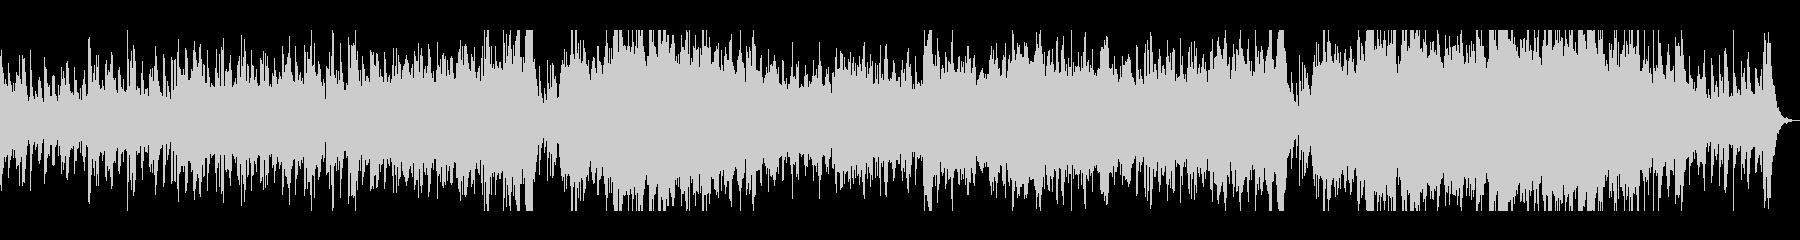 和太鼓のリズムが力強い戦闘シーンBGMの未再生の波形